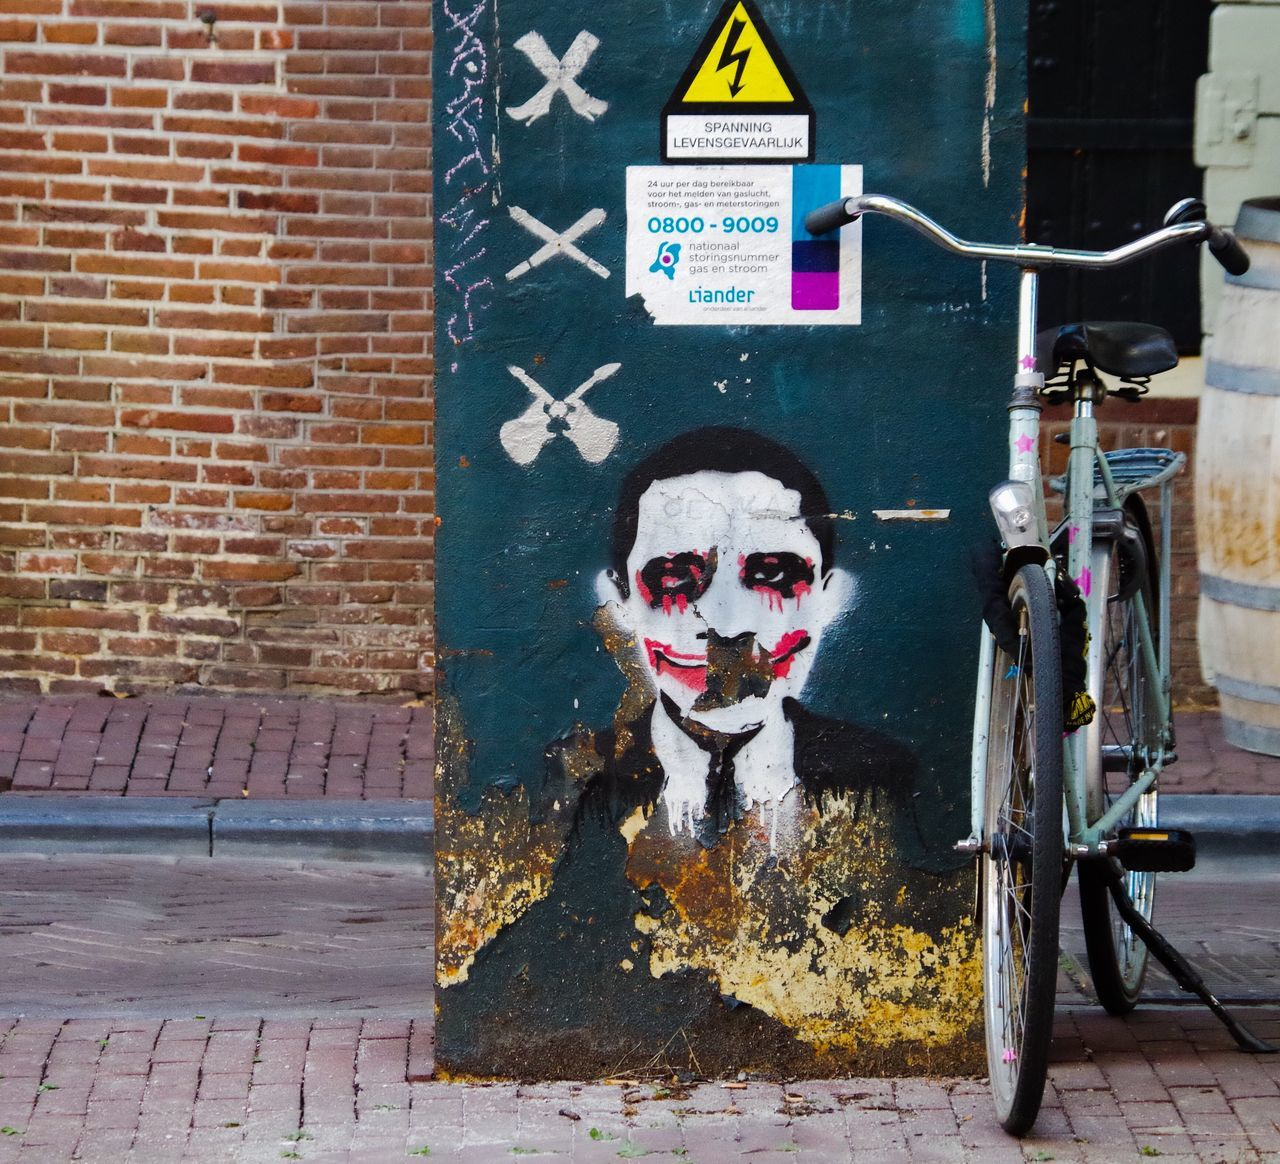 Street Art Brick Wall Human Representation Outdoors Built Structure Bike